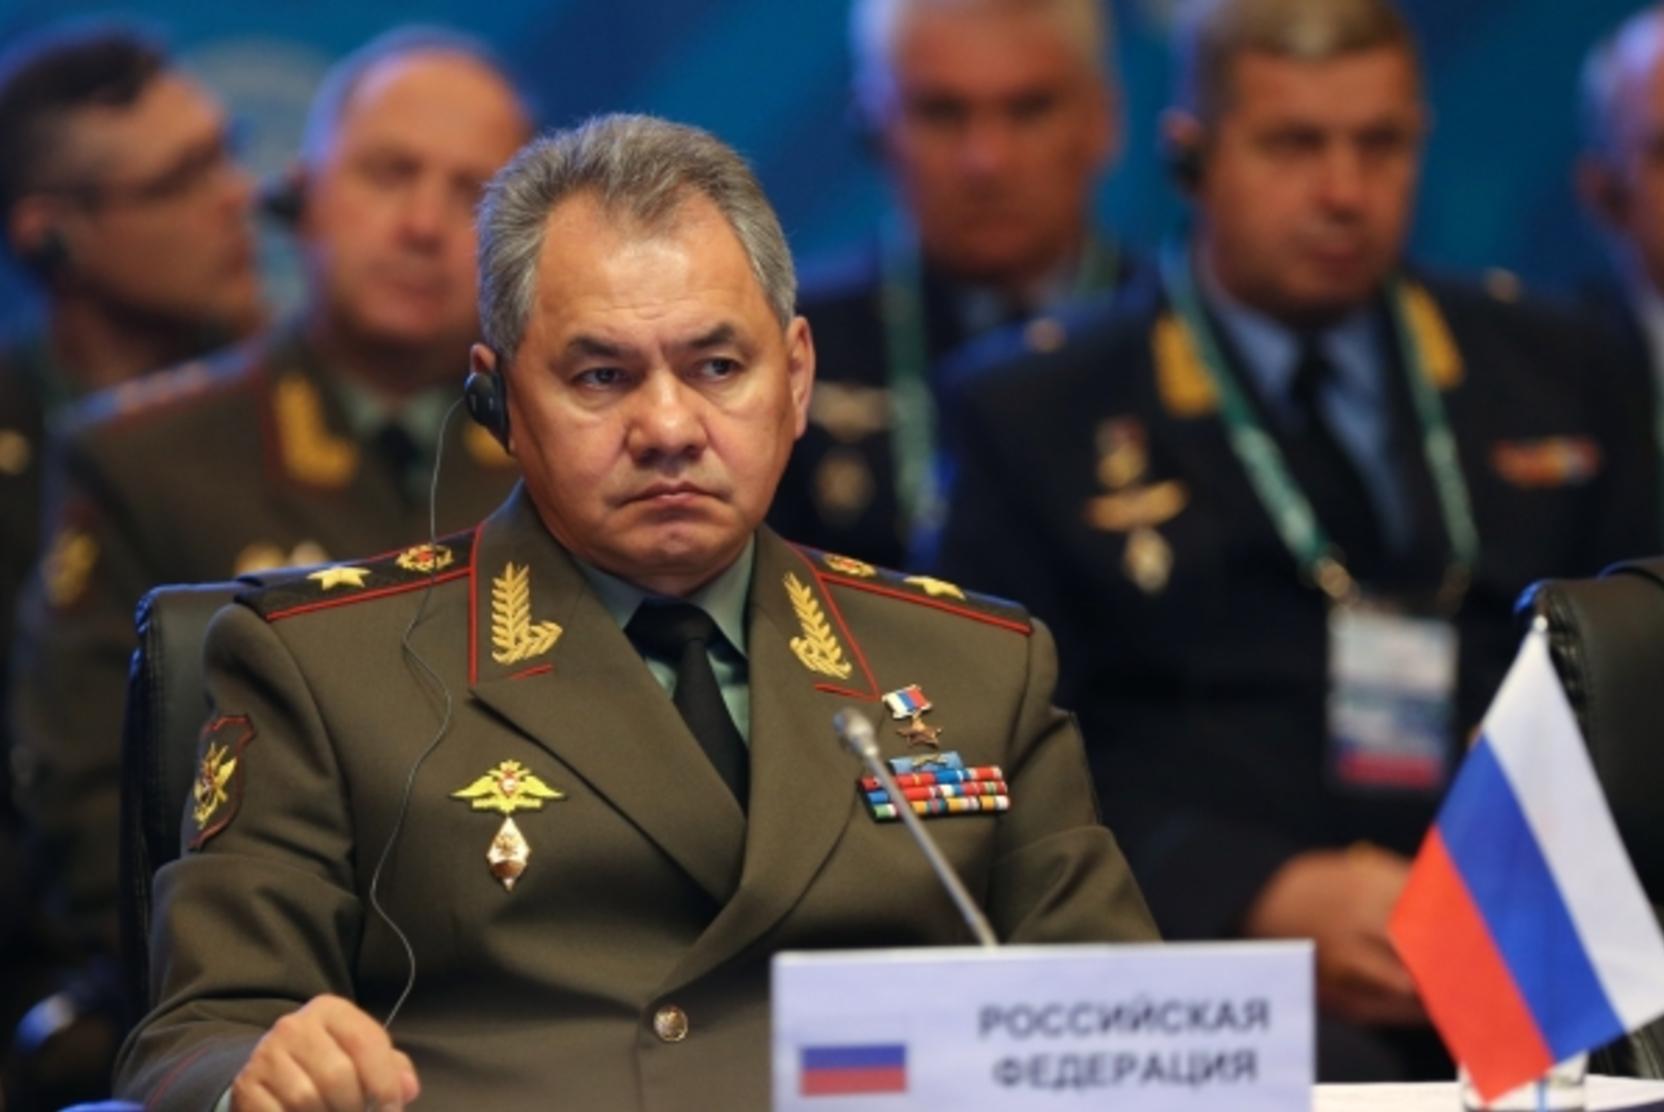 Шойгу заявил о возросшей активности НАТО у границ России